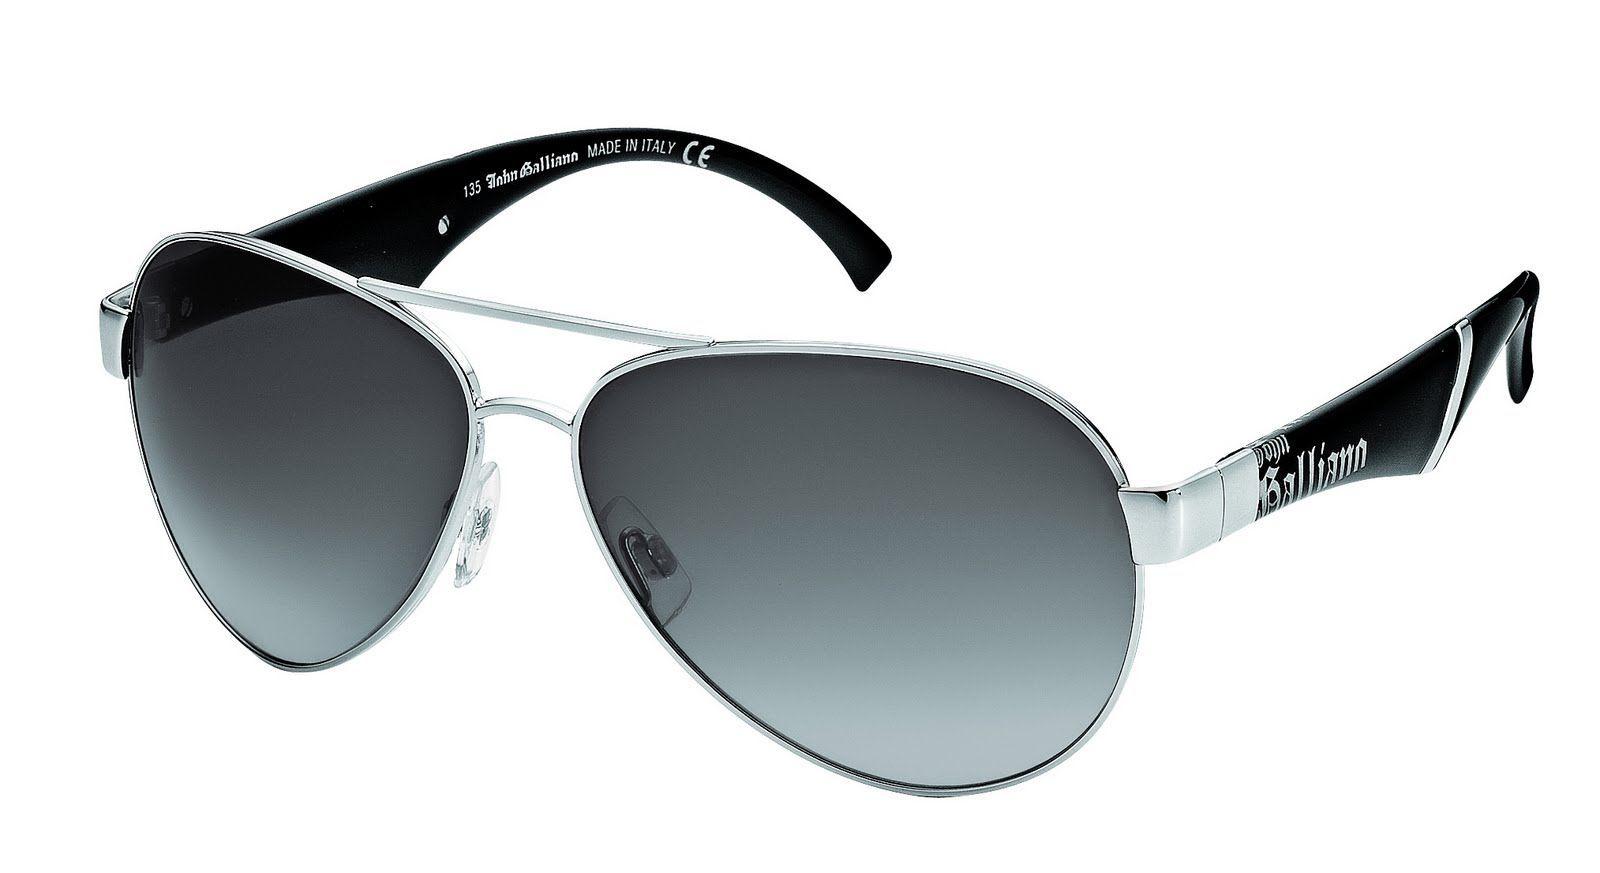 7bf62c9b2f7b5 Güneş Gözlüğü Modelleri ve Markaları   Güneş Gözlüğü Modelleri ve ...